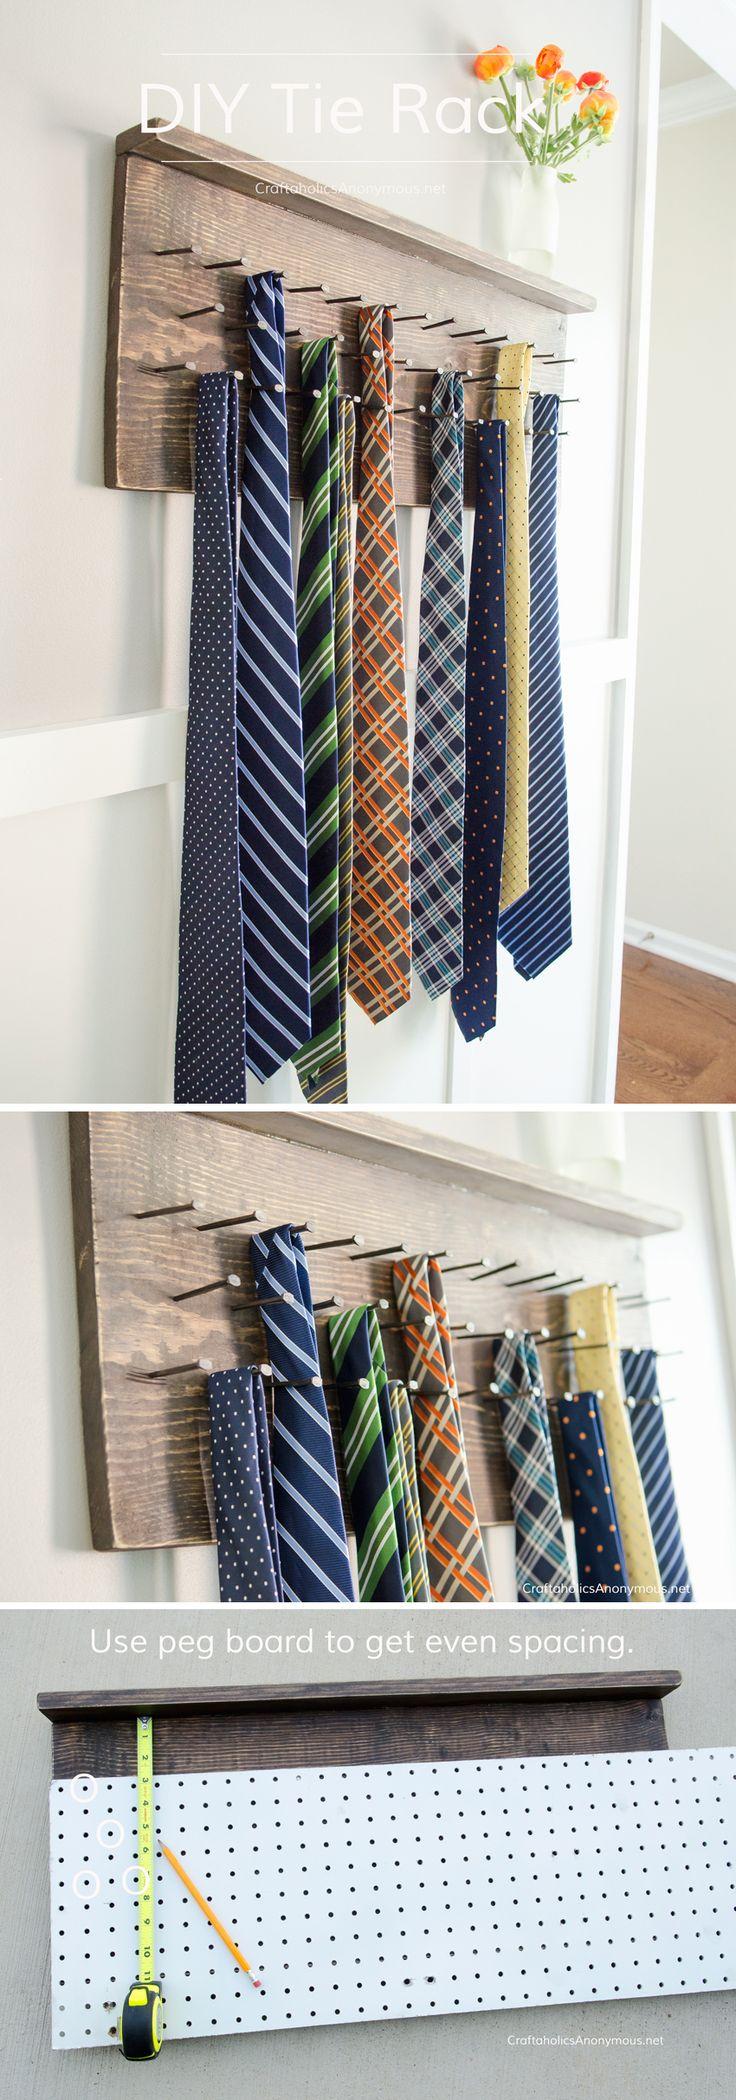 Best 25+ Tie rack ideas on Pinterest   Tie storage, Man ...